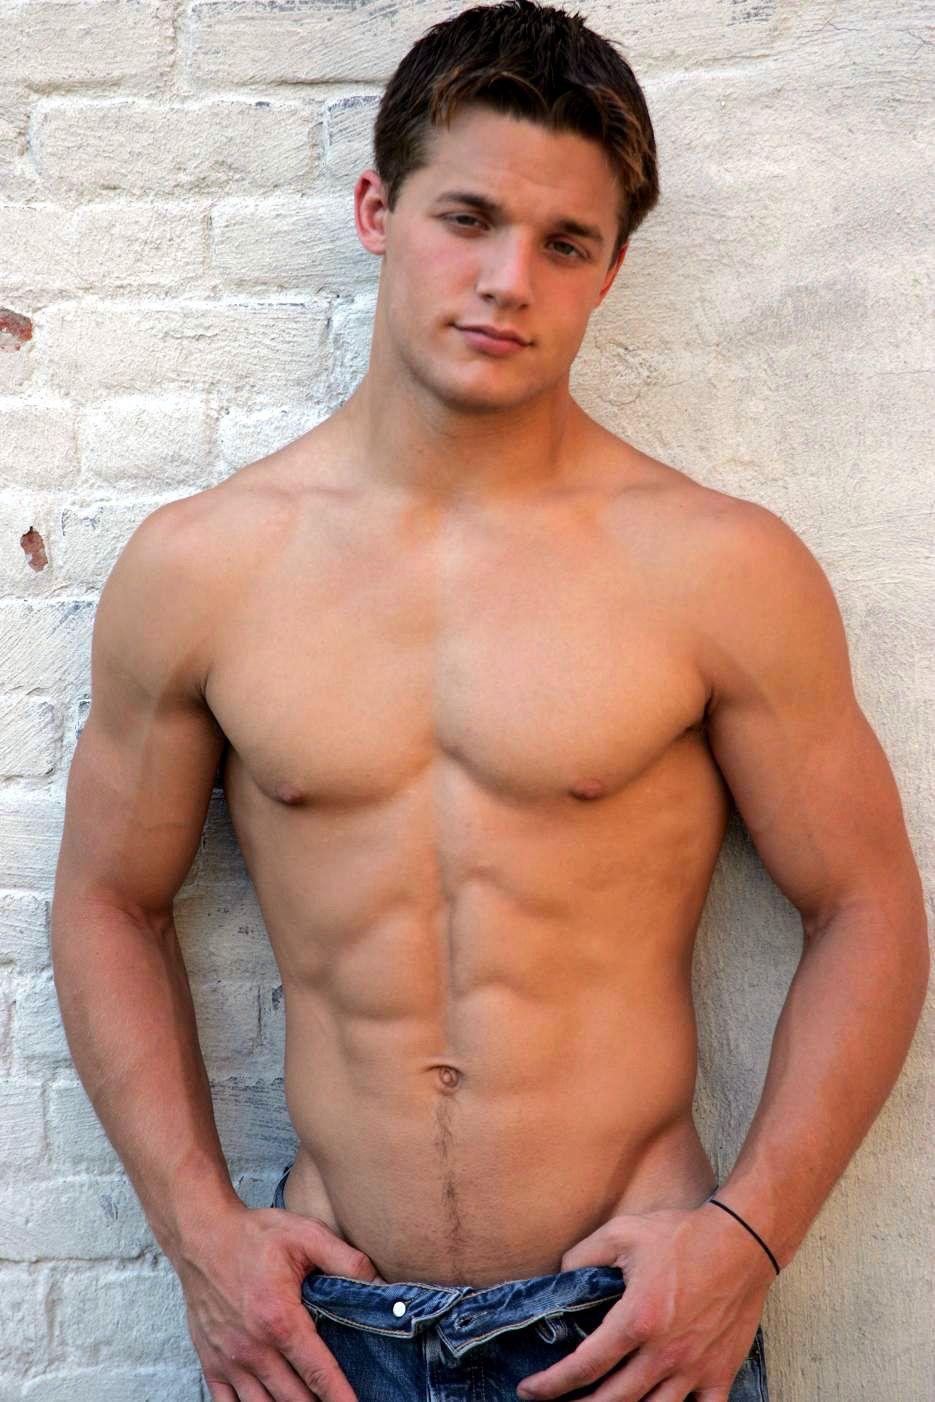 Hot boy naked foto 5